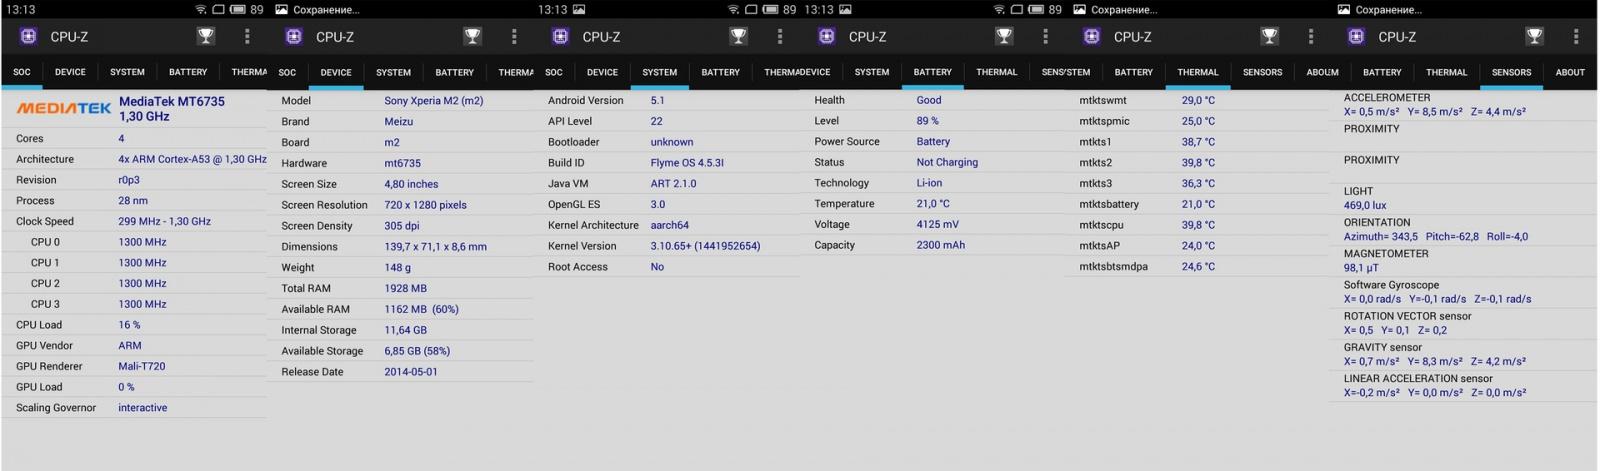 Обзор Meizu M2 Mini: стильный бюджетник - 17